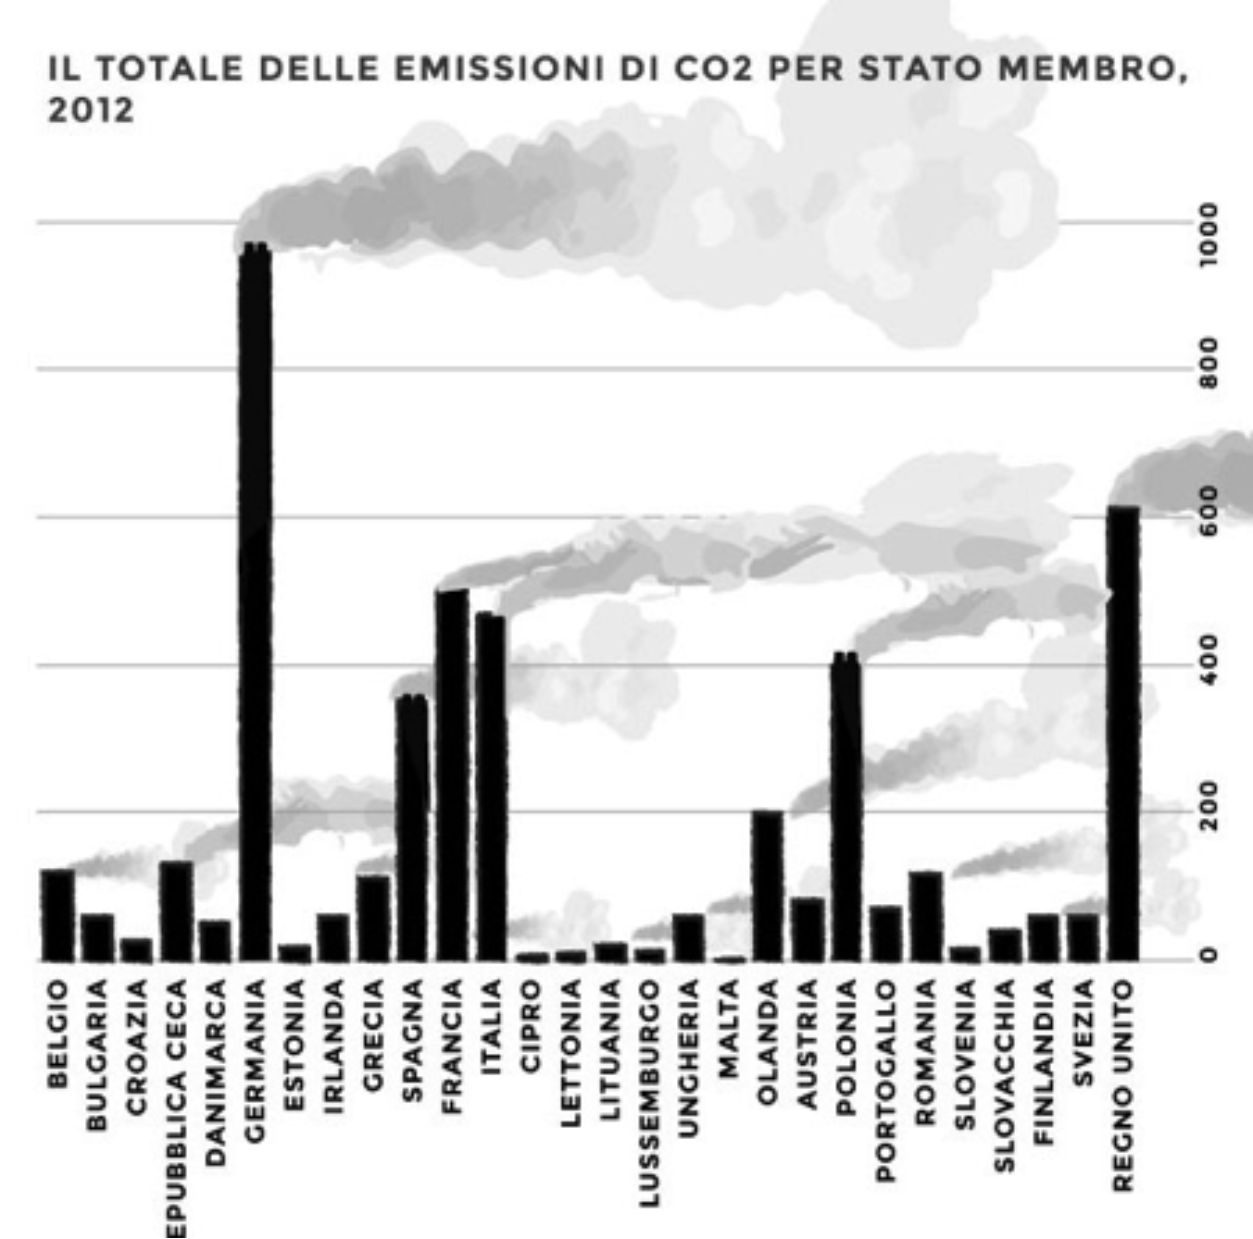 emissioni 2012